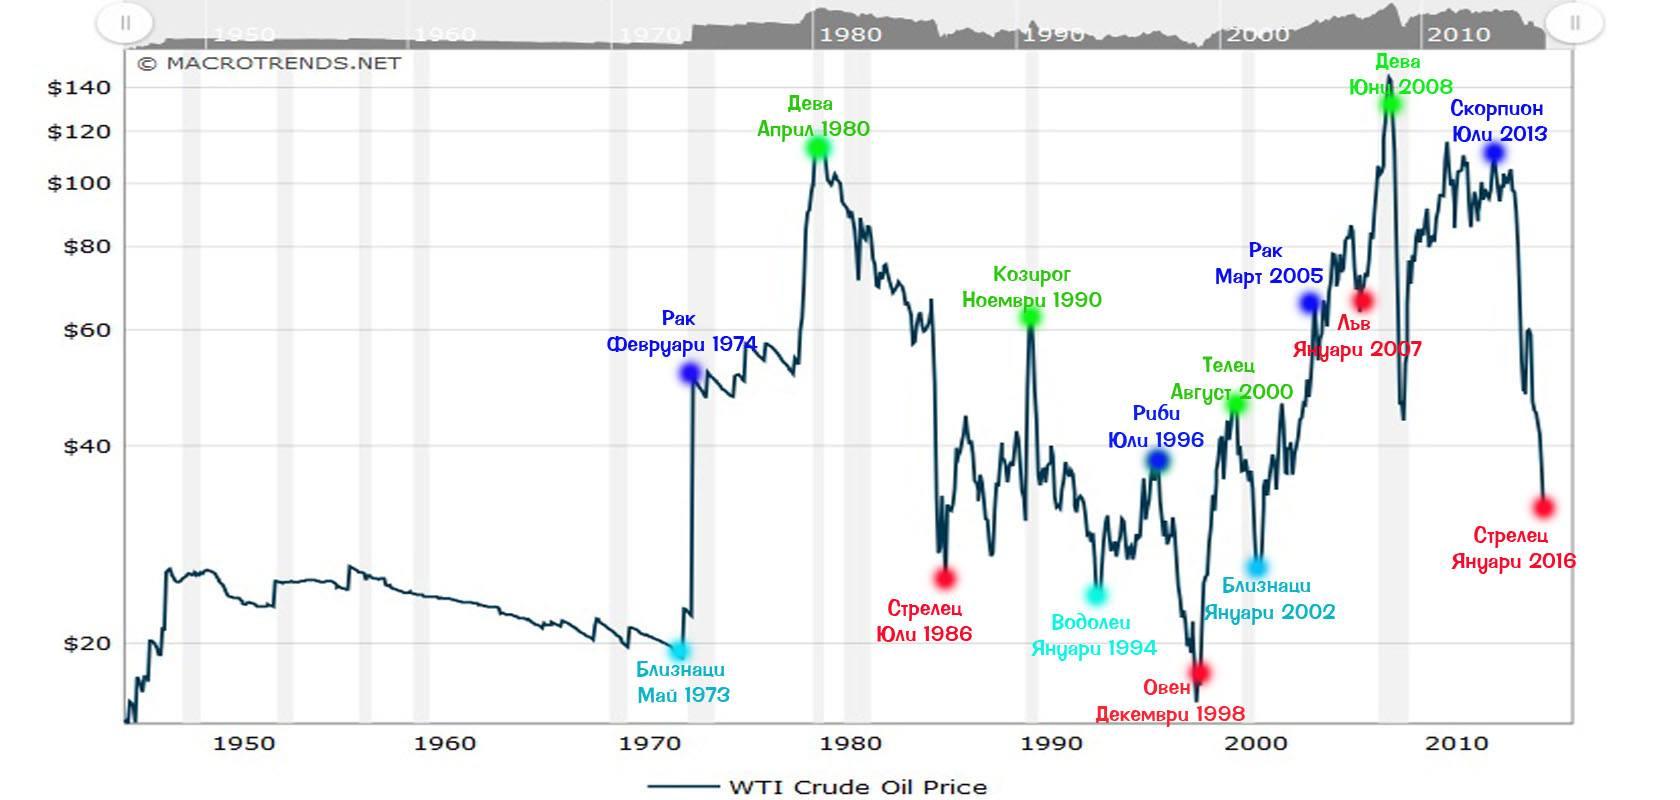 Цена на нефть, скрытый смысл статья с инвестиционным потенциалом! топ актуальных новостей